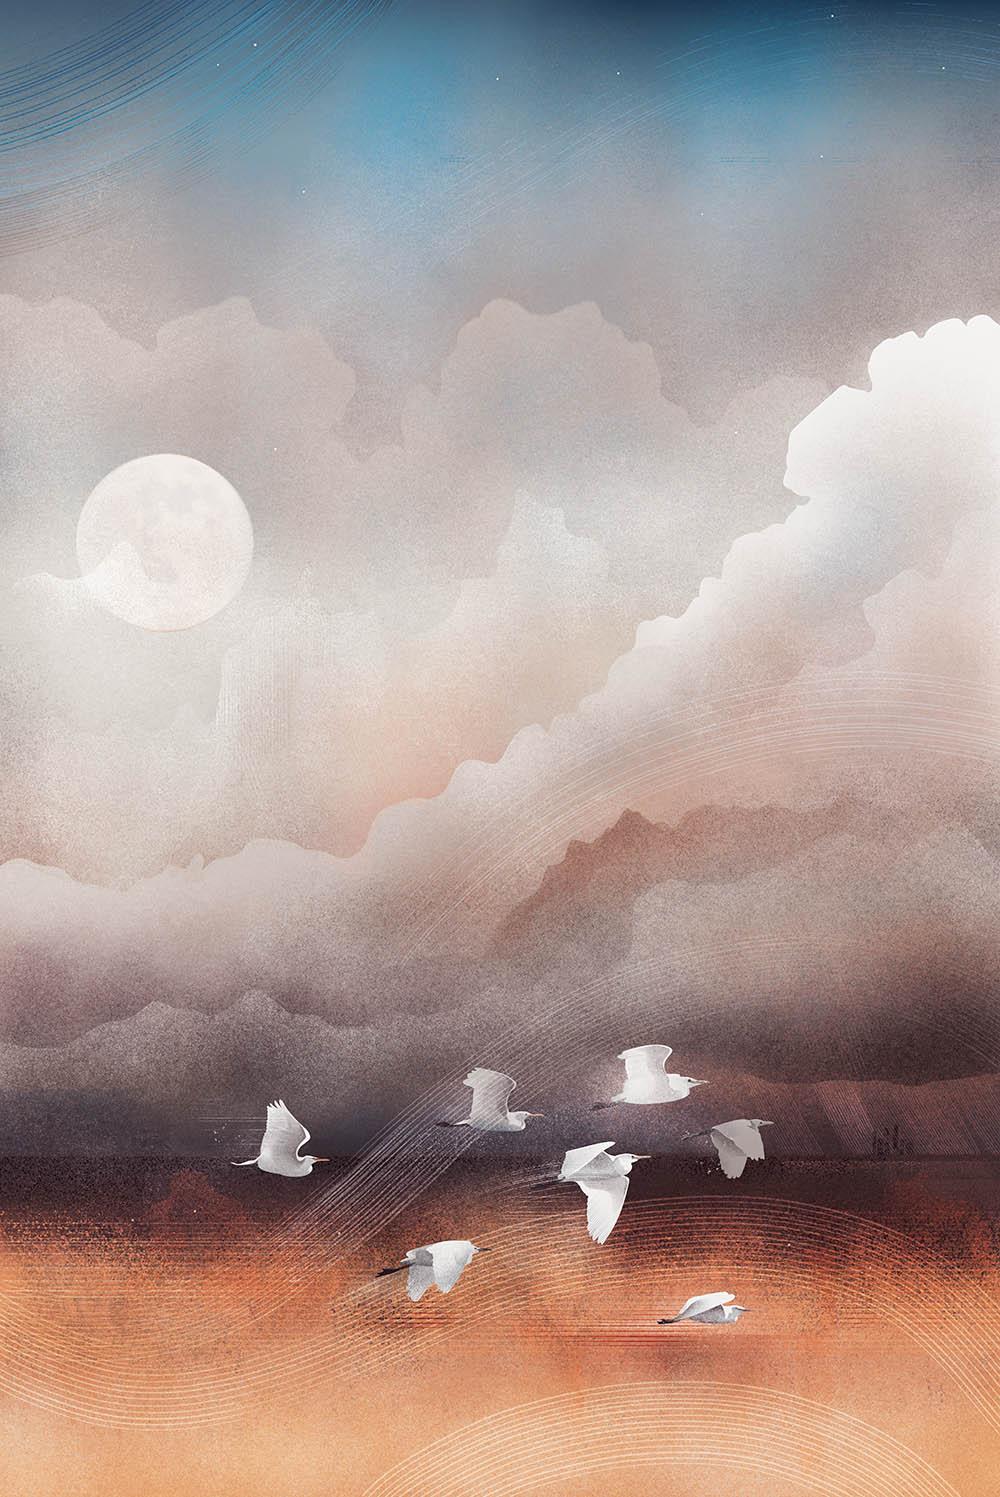 karla_sanders_white_birds_illustration.jpg